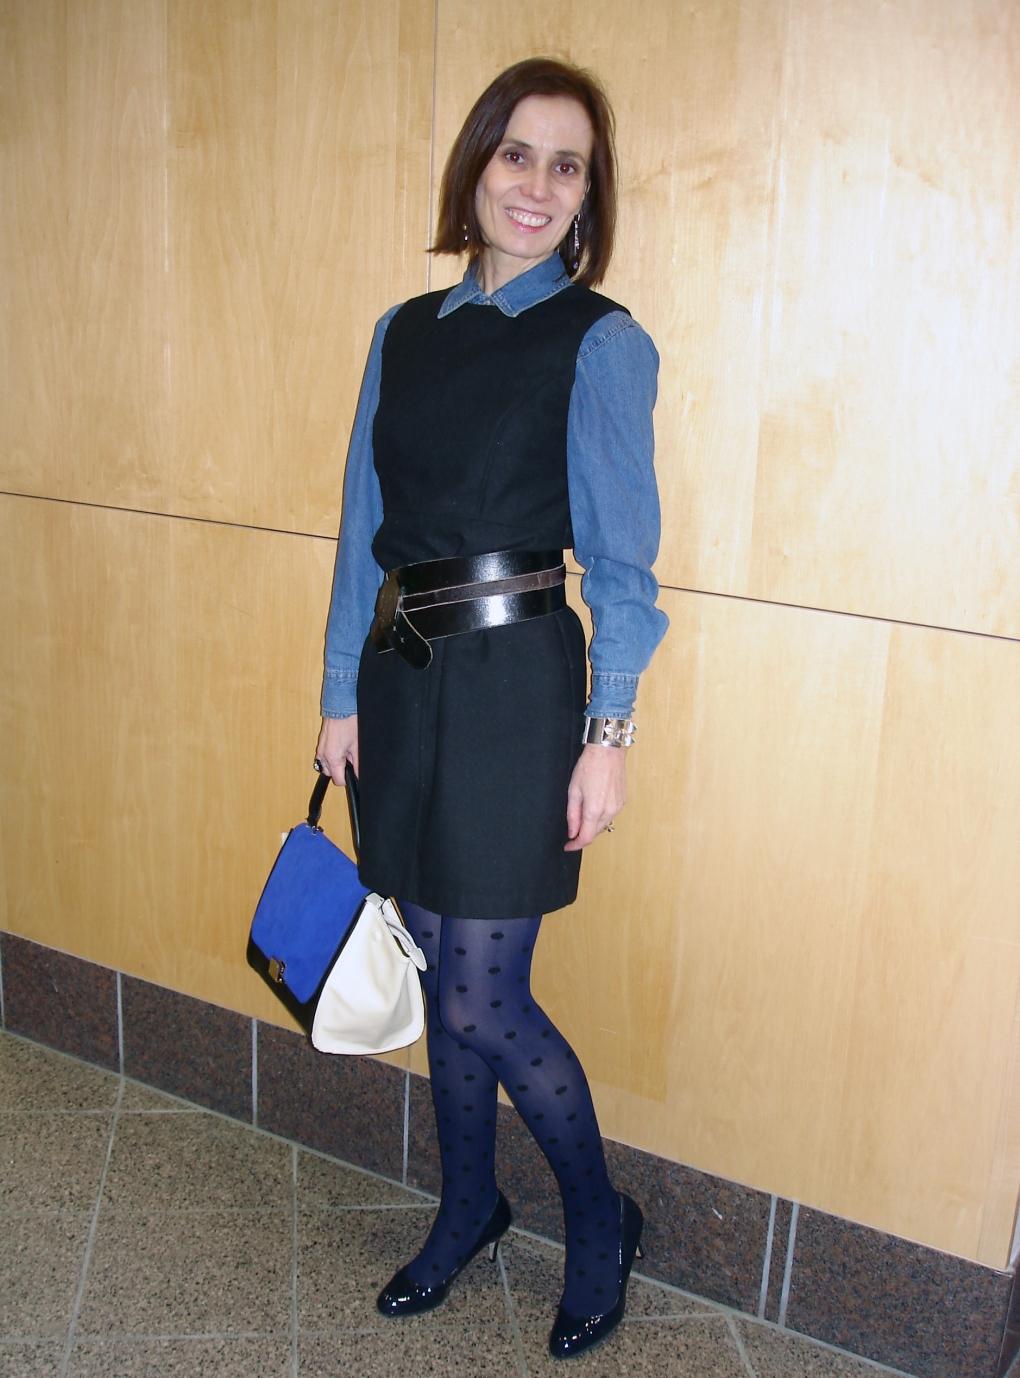 #styleover50 woman wearing a denim shirt under a dress